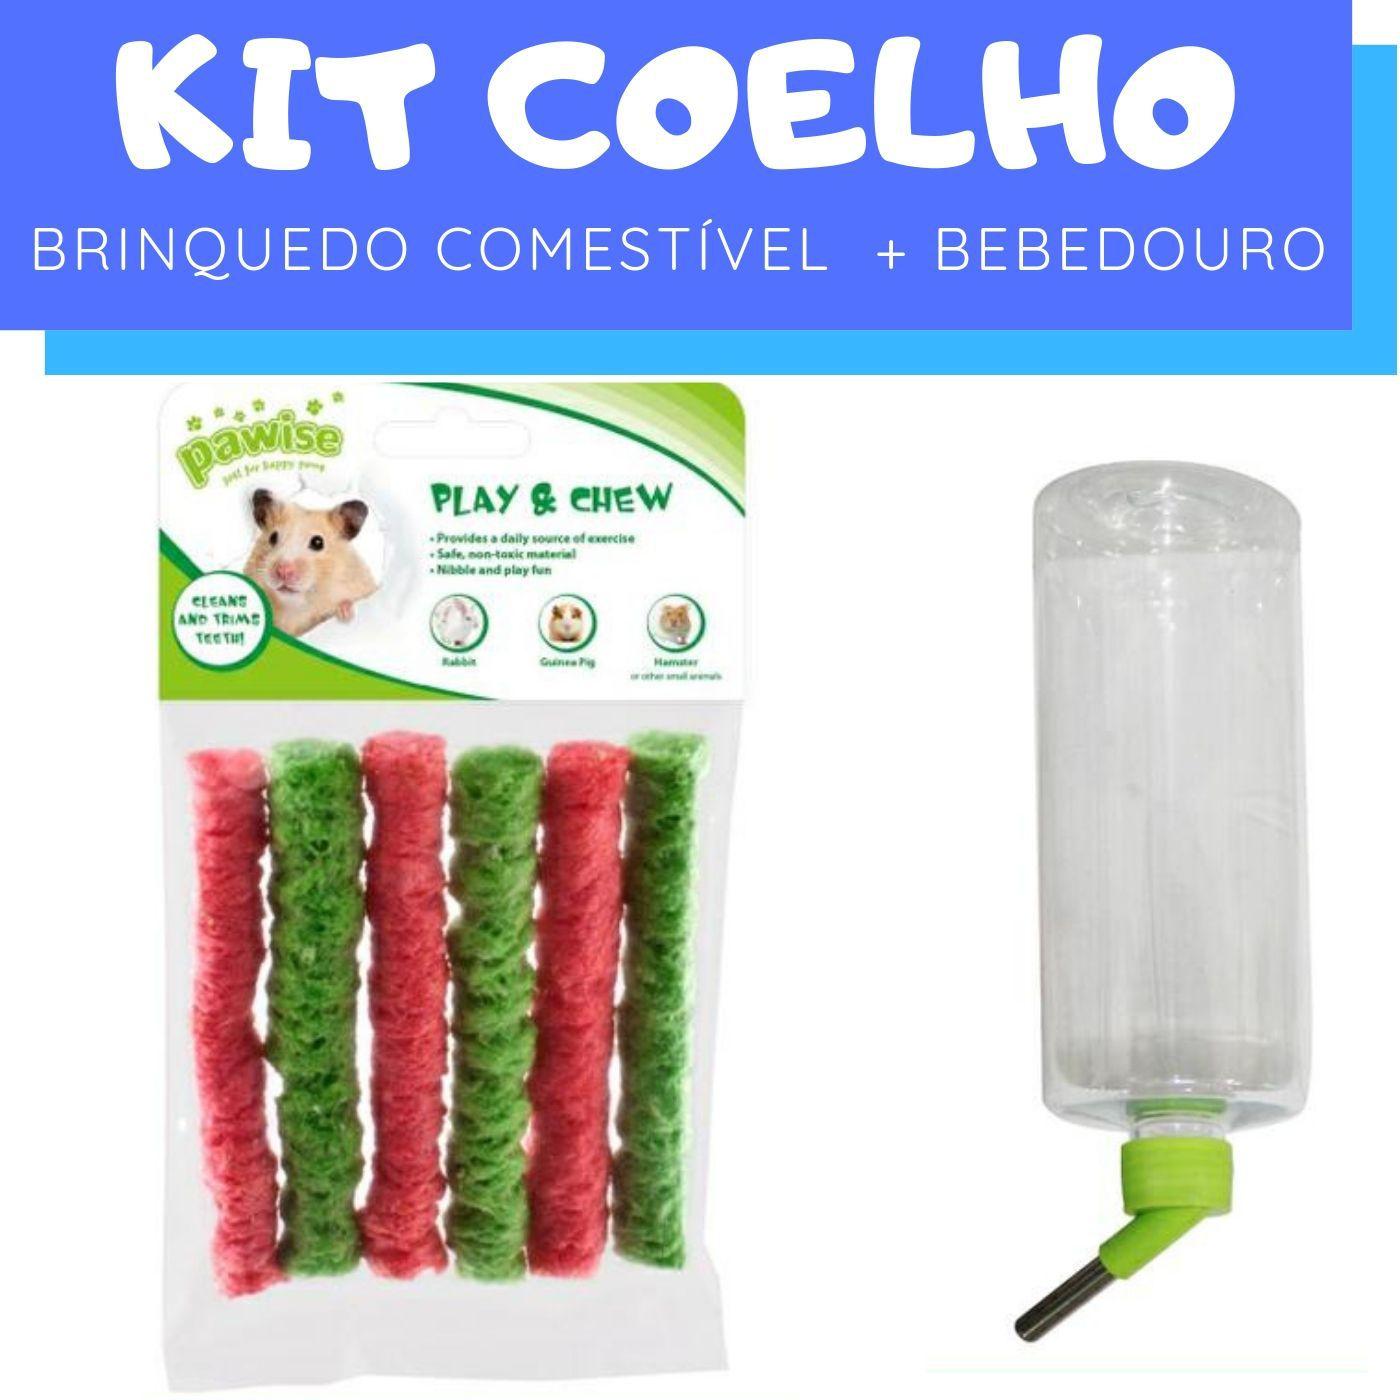 Kit Coelho com Bebedouro e Brinquedo comestível Pawise